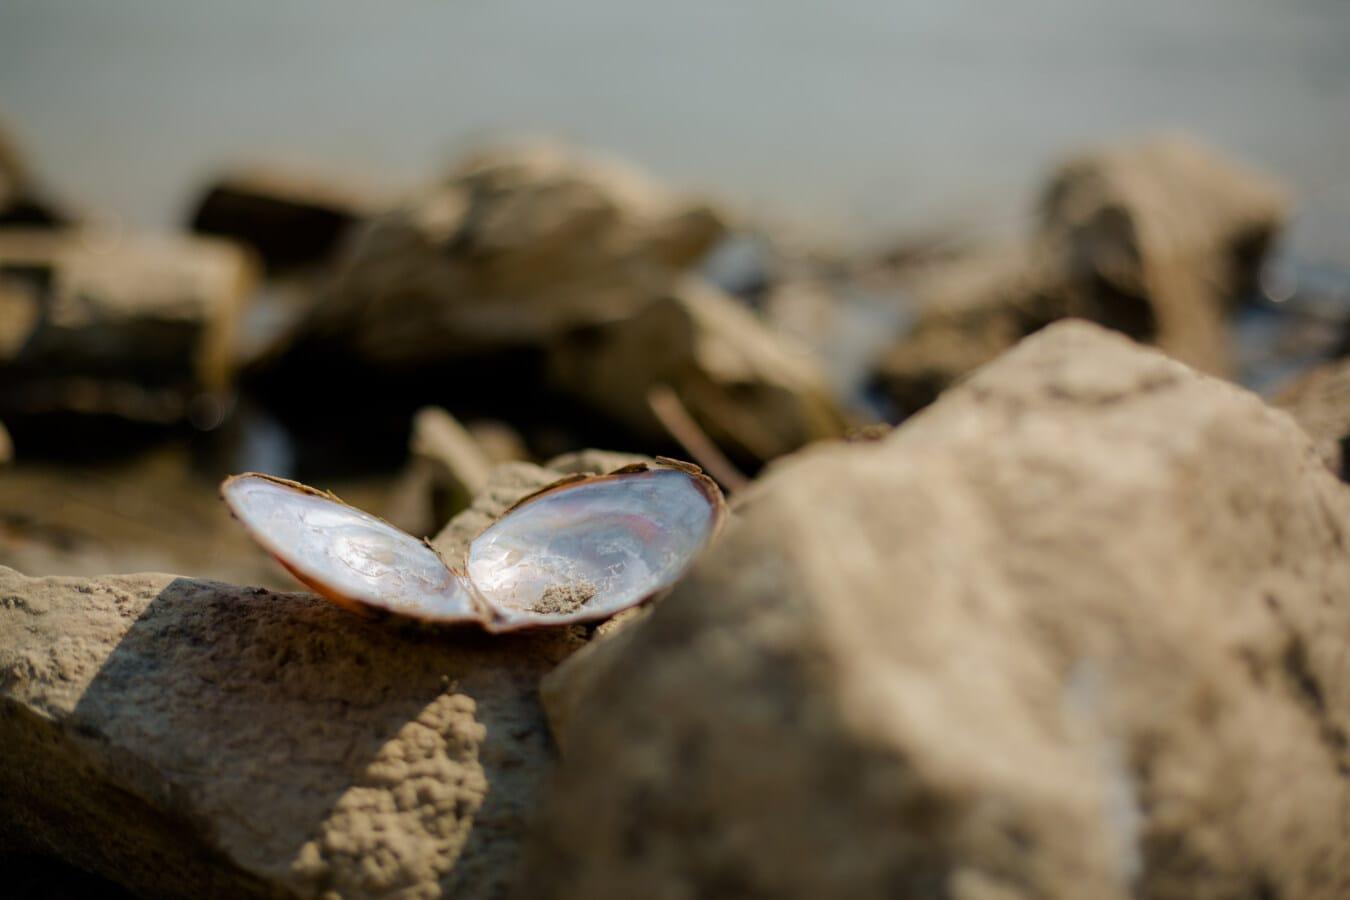 shell, mollusk, mussel, big rocks, beach, nature, sand, blur, rock, outdoors